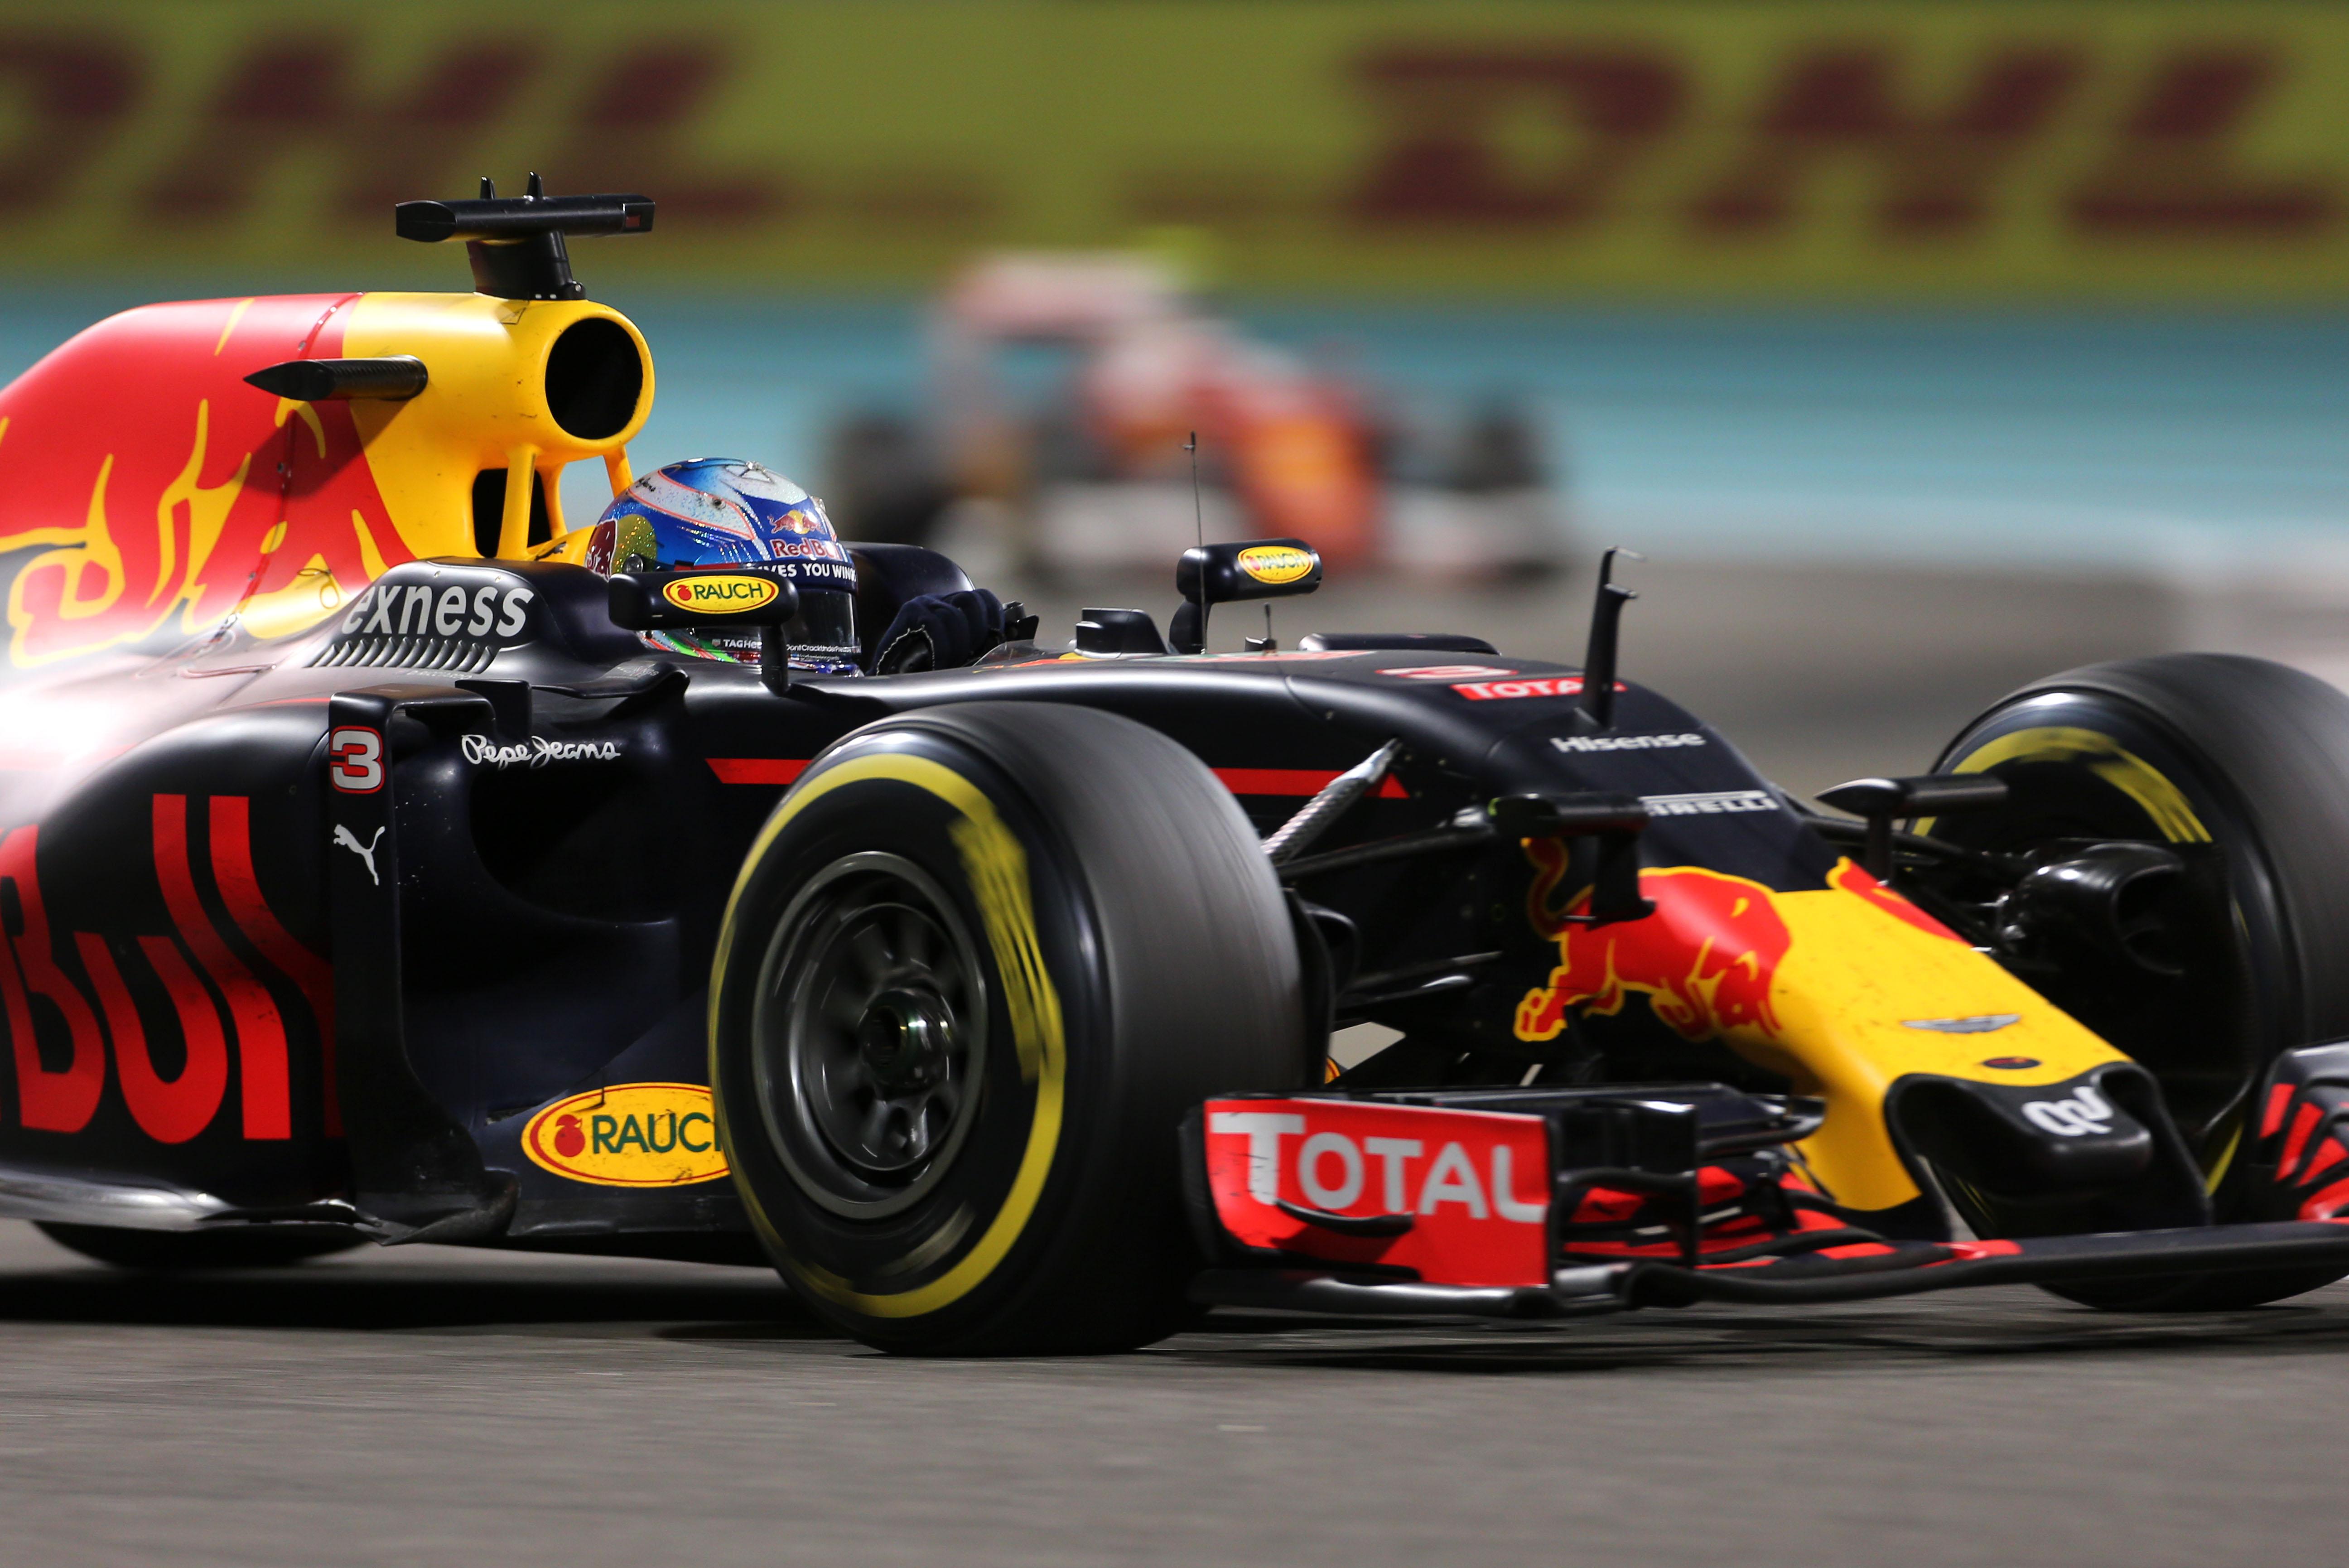 Daniel Ricciardo - Red Bull Racing [2015]